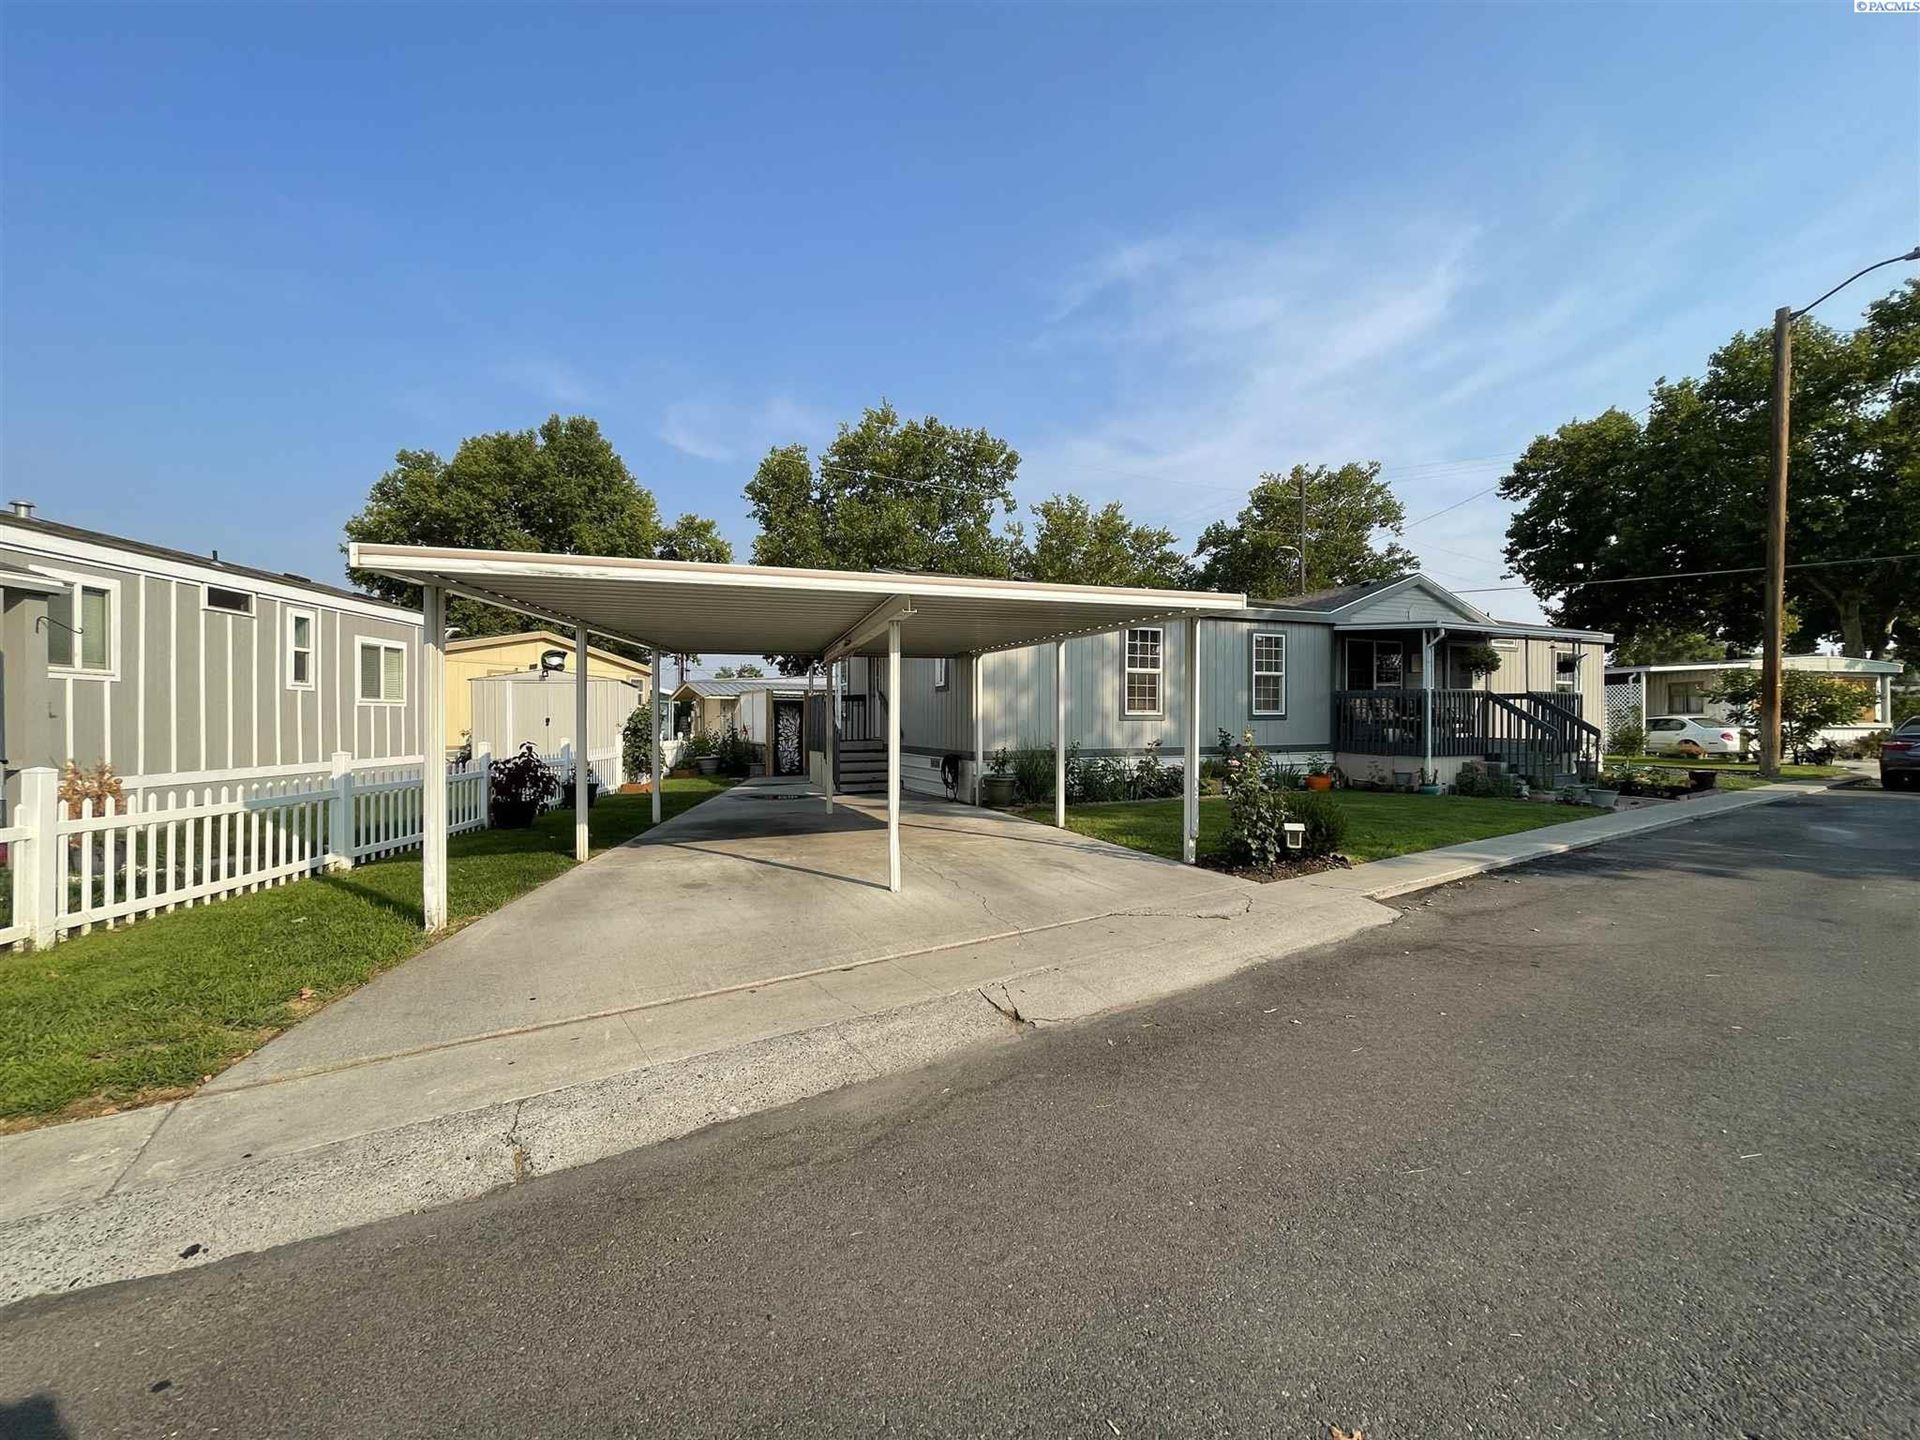 Photo of 52 Log Ln #52, Richland, WA 99354 (MLS # 255505)